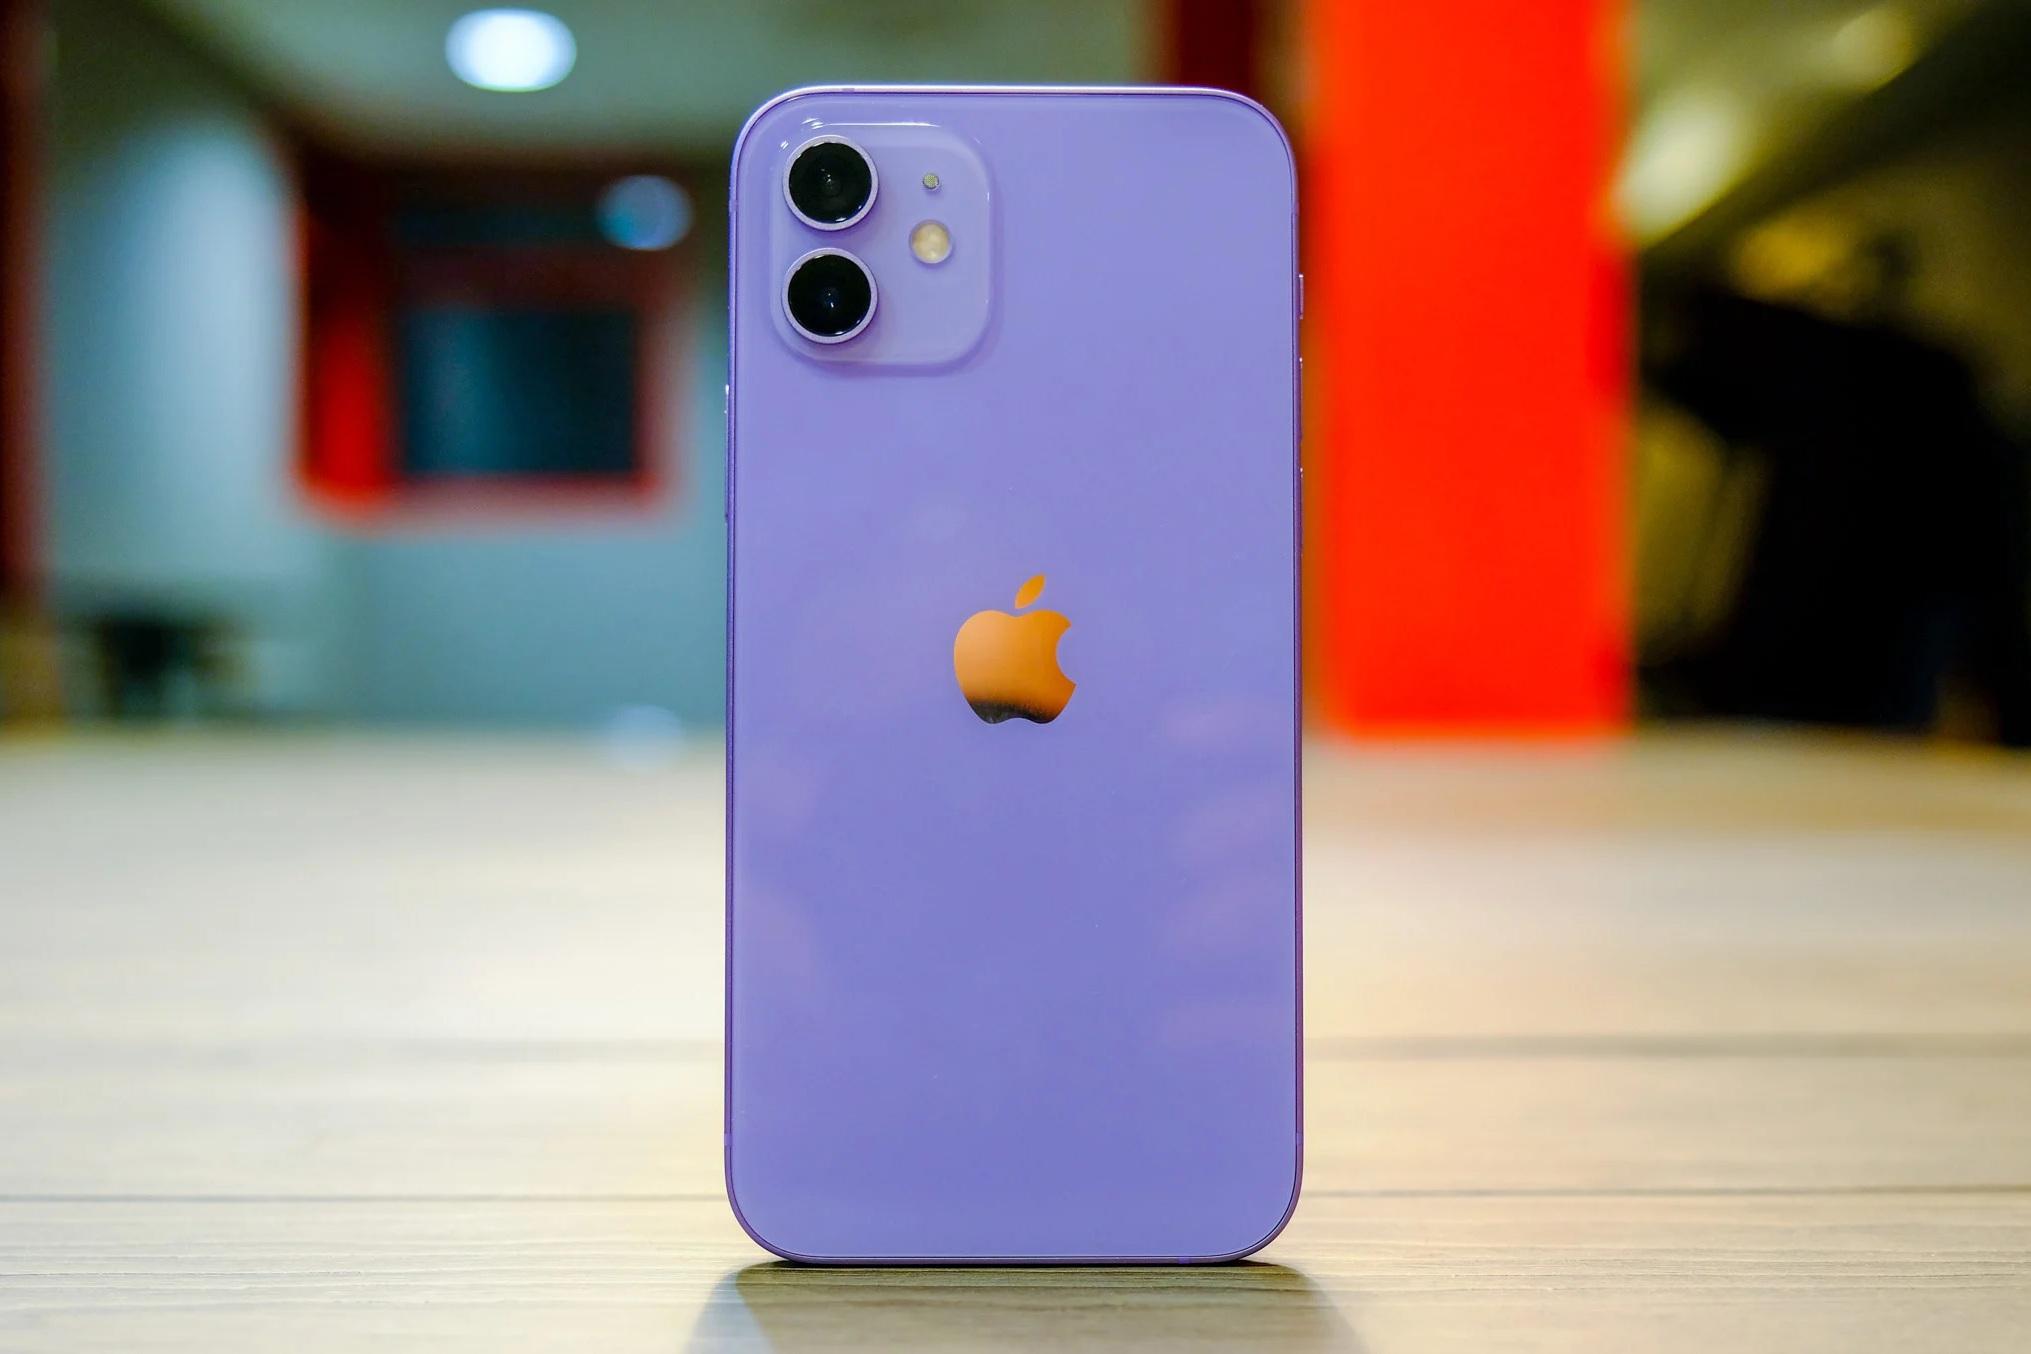 Cận cảnh chiếc iPhone 12 màu tím mà Apple vừa ra mắt - 2